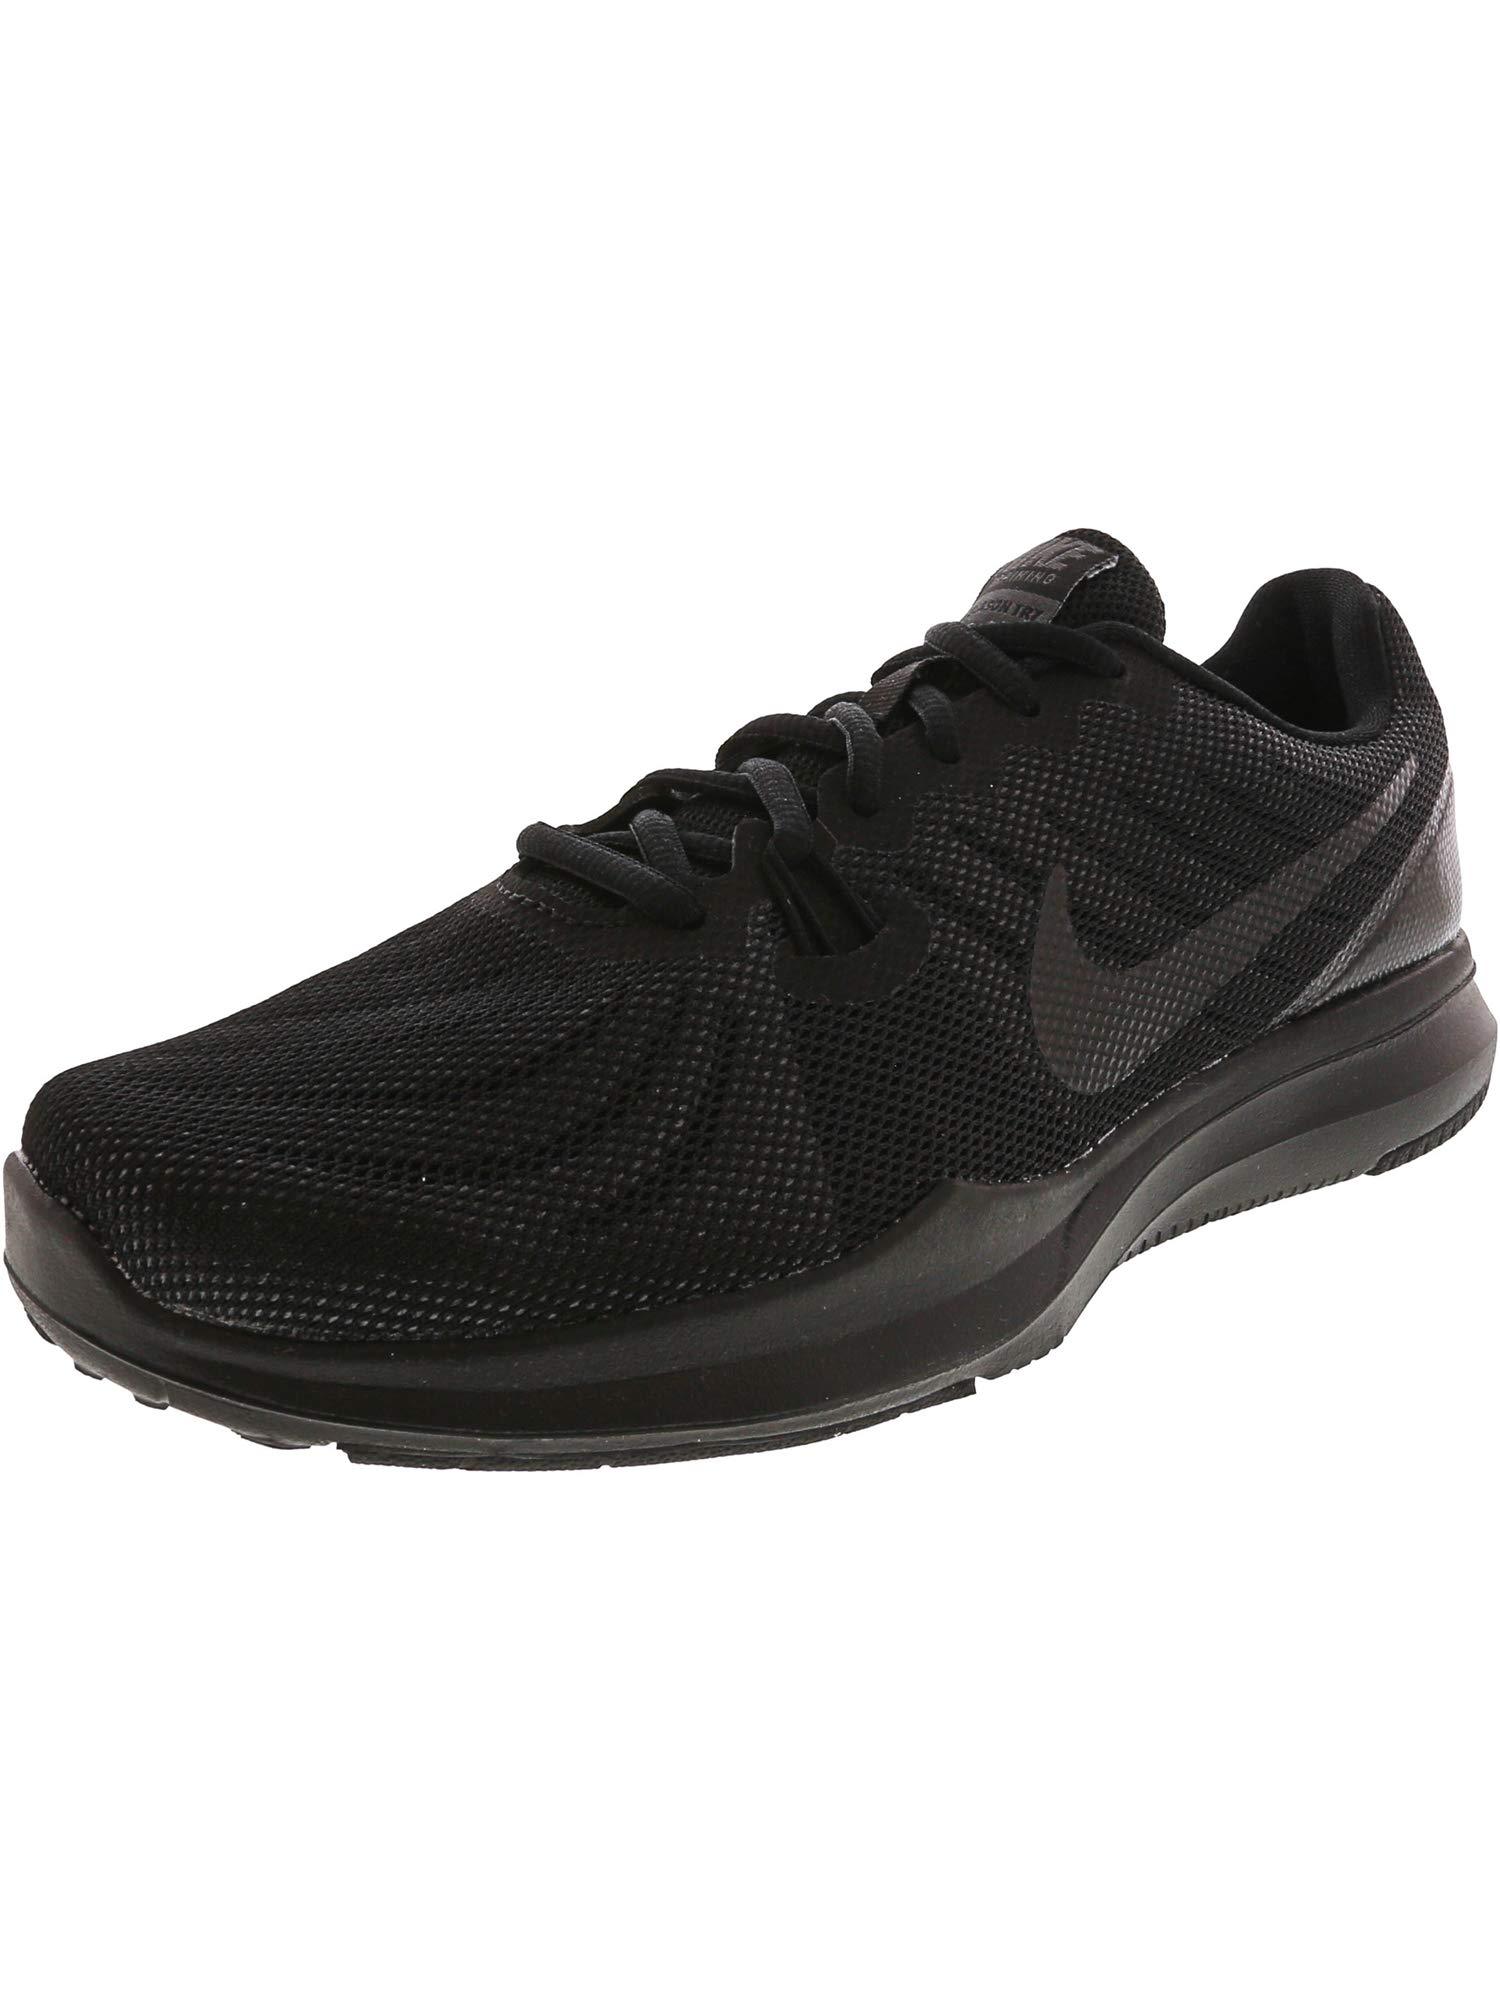 Nike Women's in-Season Trainer 7 (W) (7.5 D US) Black/Black/Black by Nike